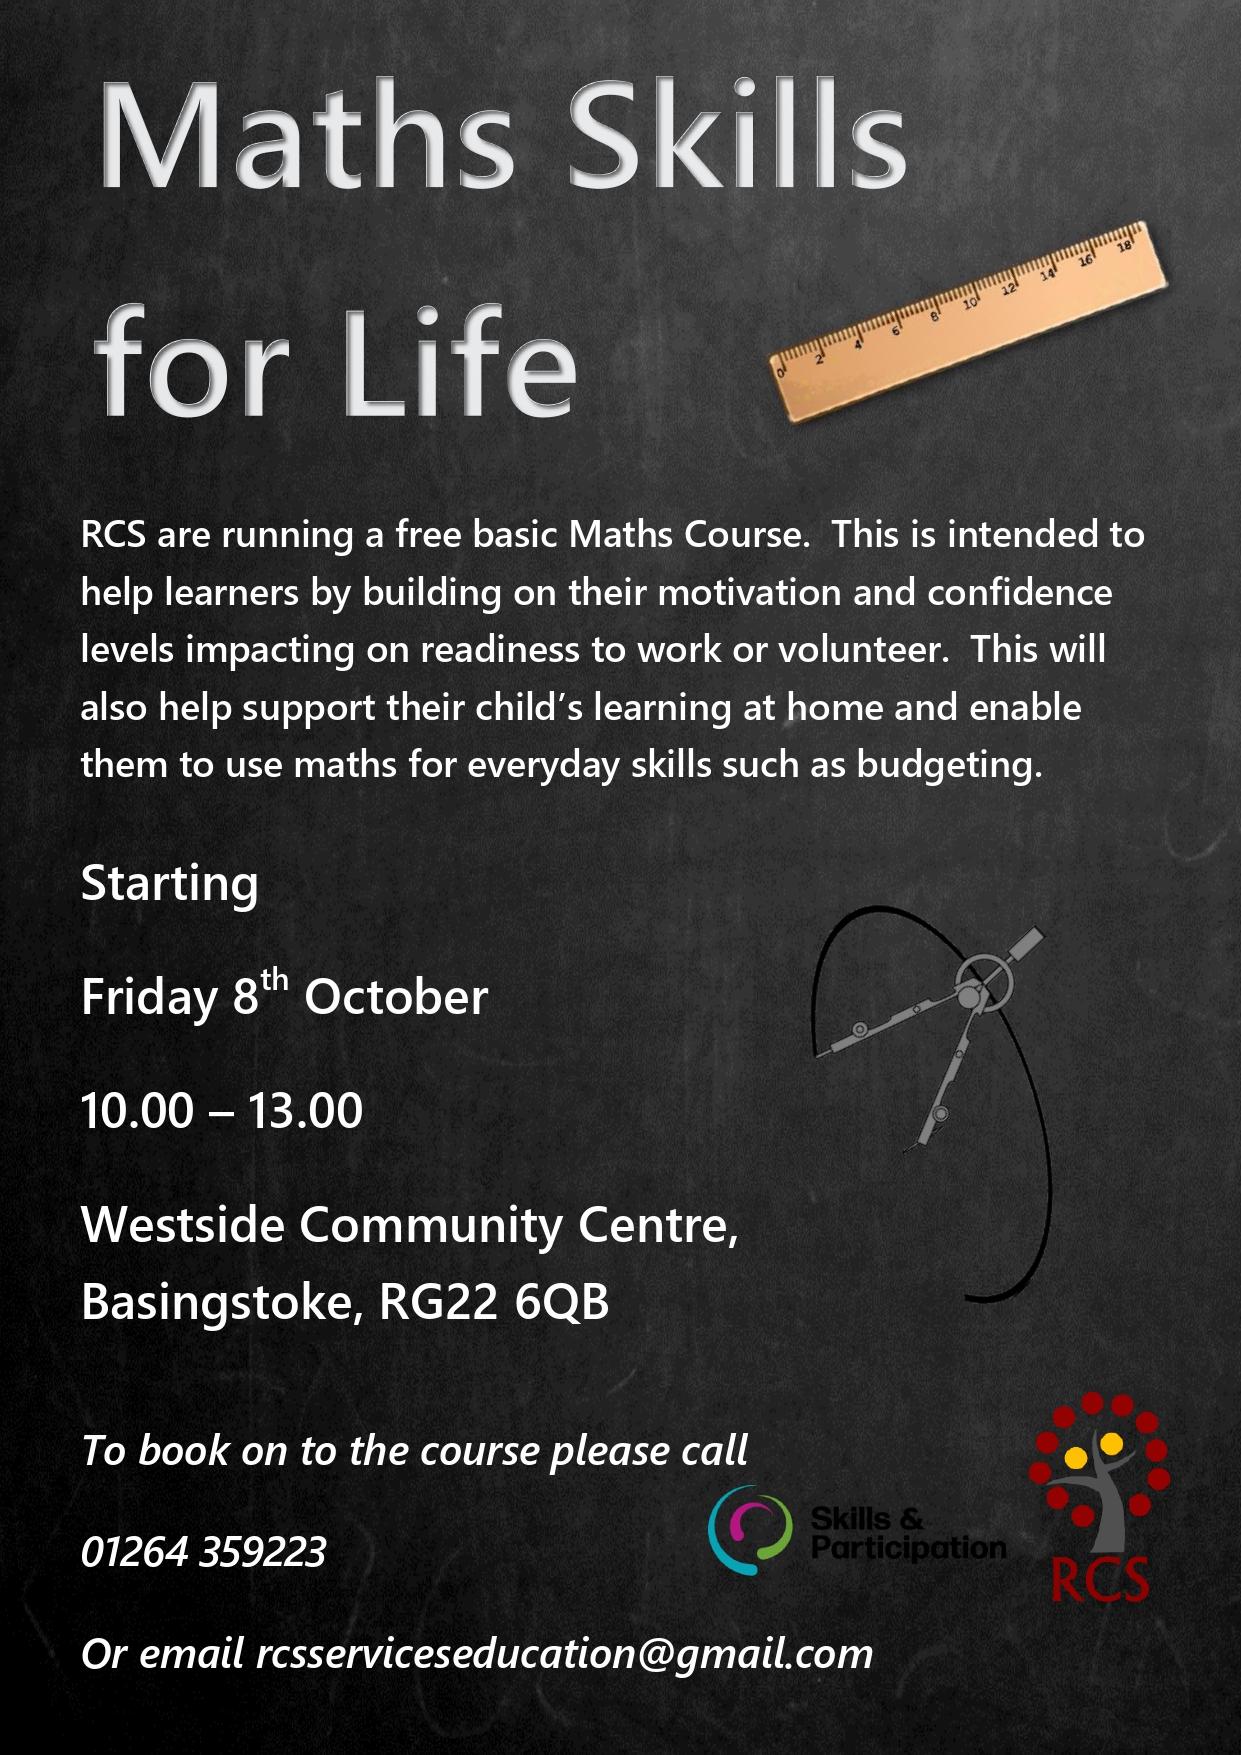 Maths Skills for Life - Basingstoke